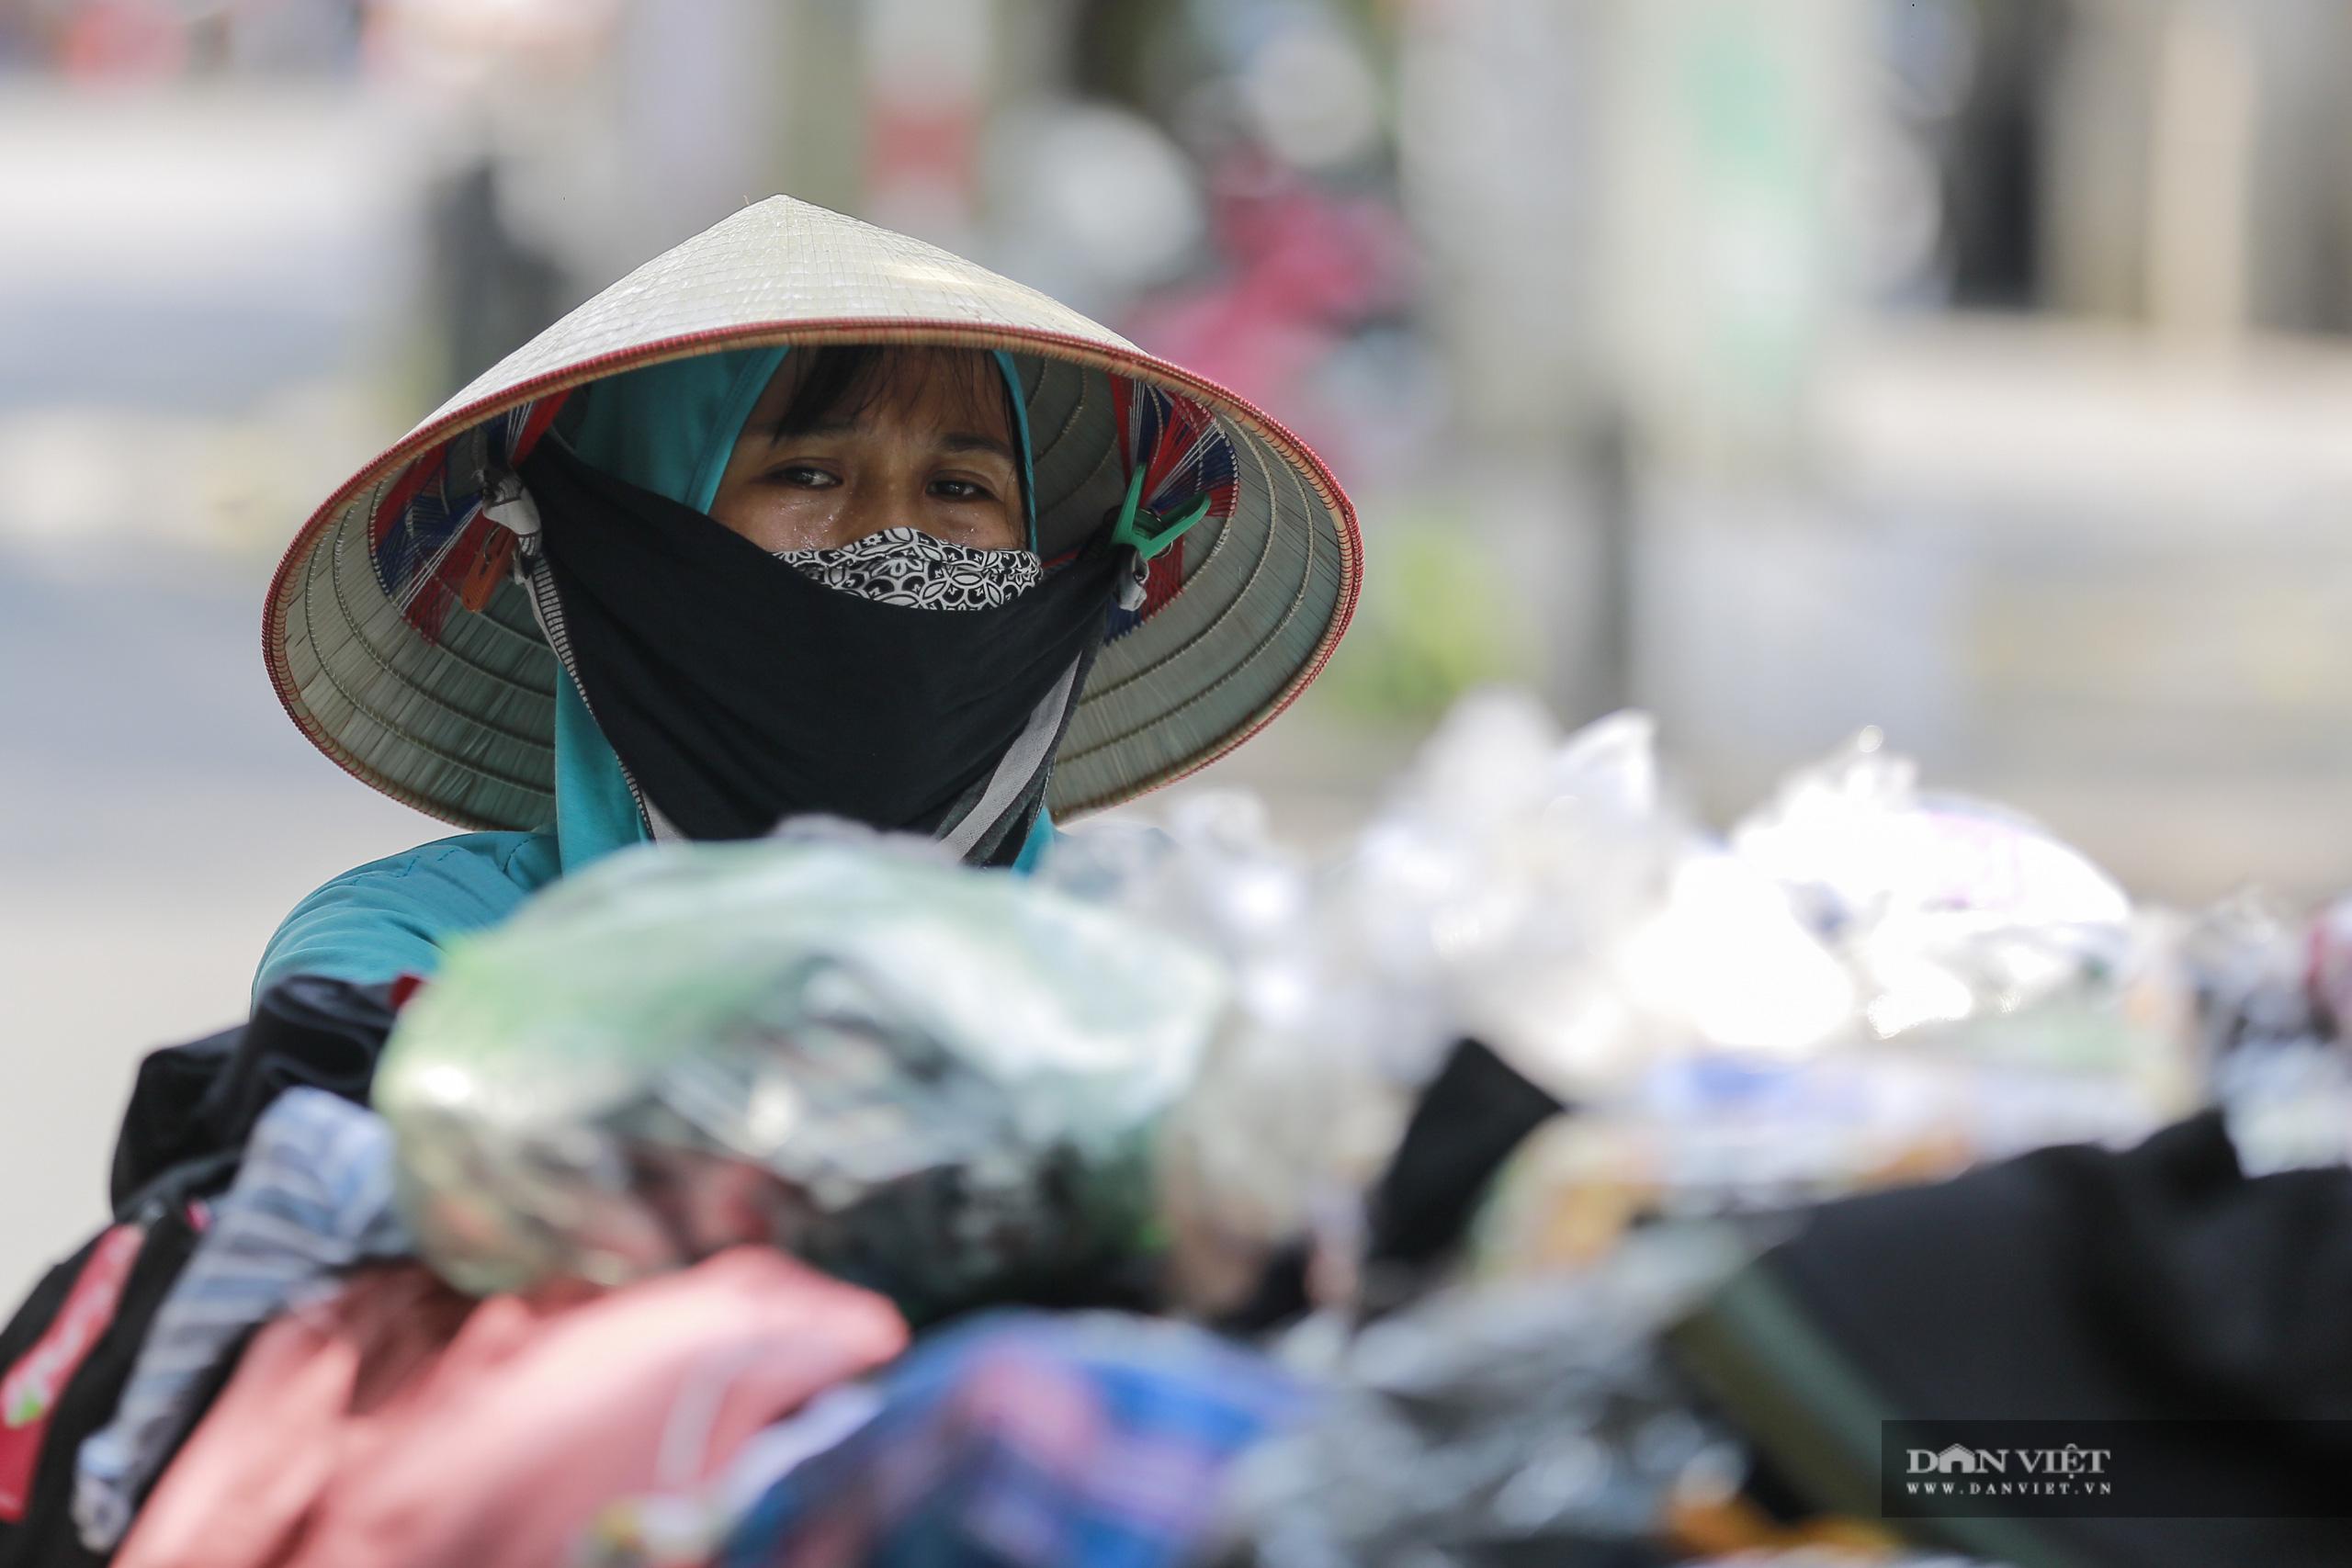 Hà Nội nắng nóng gần 40 độ C, phụ nữ lái ô tô với trang phục kín mít - Ảnh 9.